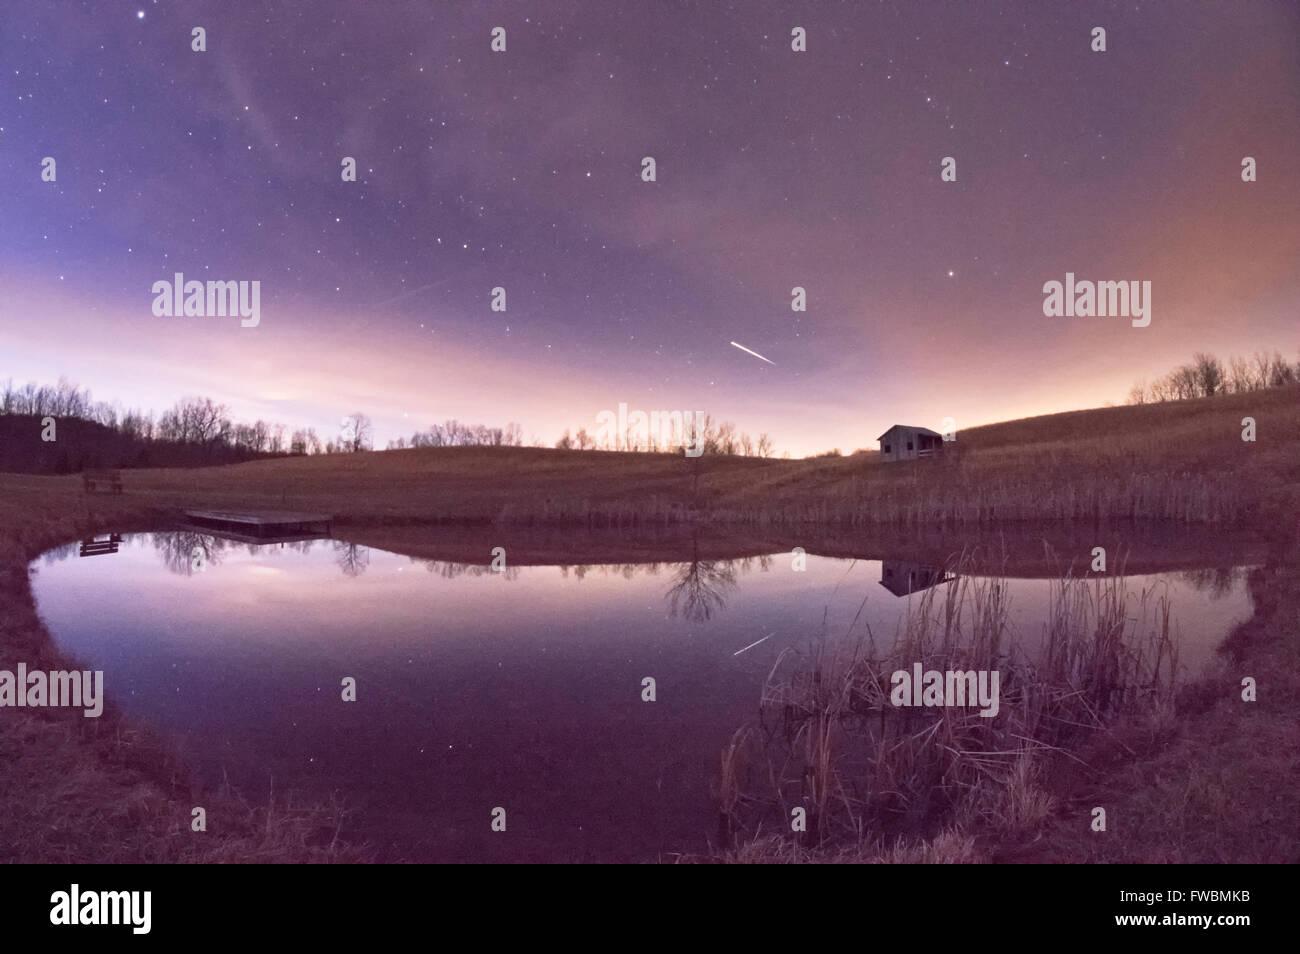 La station spatiale internationale rayures verticales sur le ciel nocturne juste après le crépuscule réfléchi Photo Stock